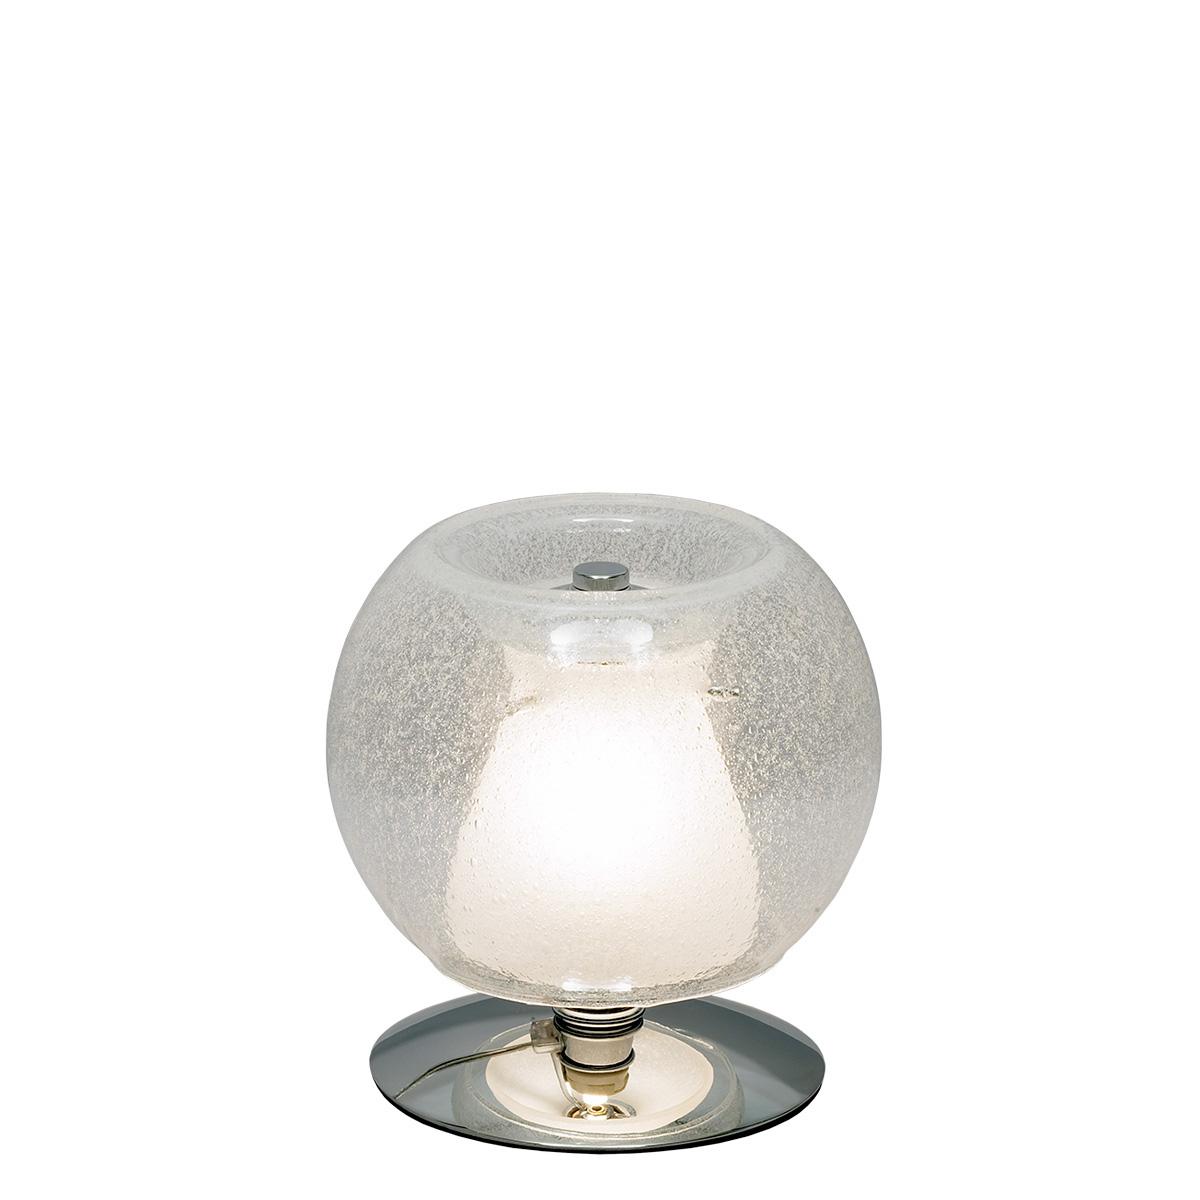 Μοντέρνα πορτατίφ Μουράνο NEVE modern Murano table lamp